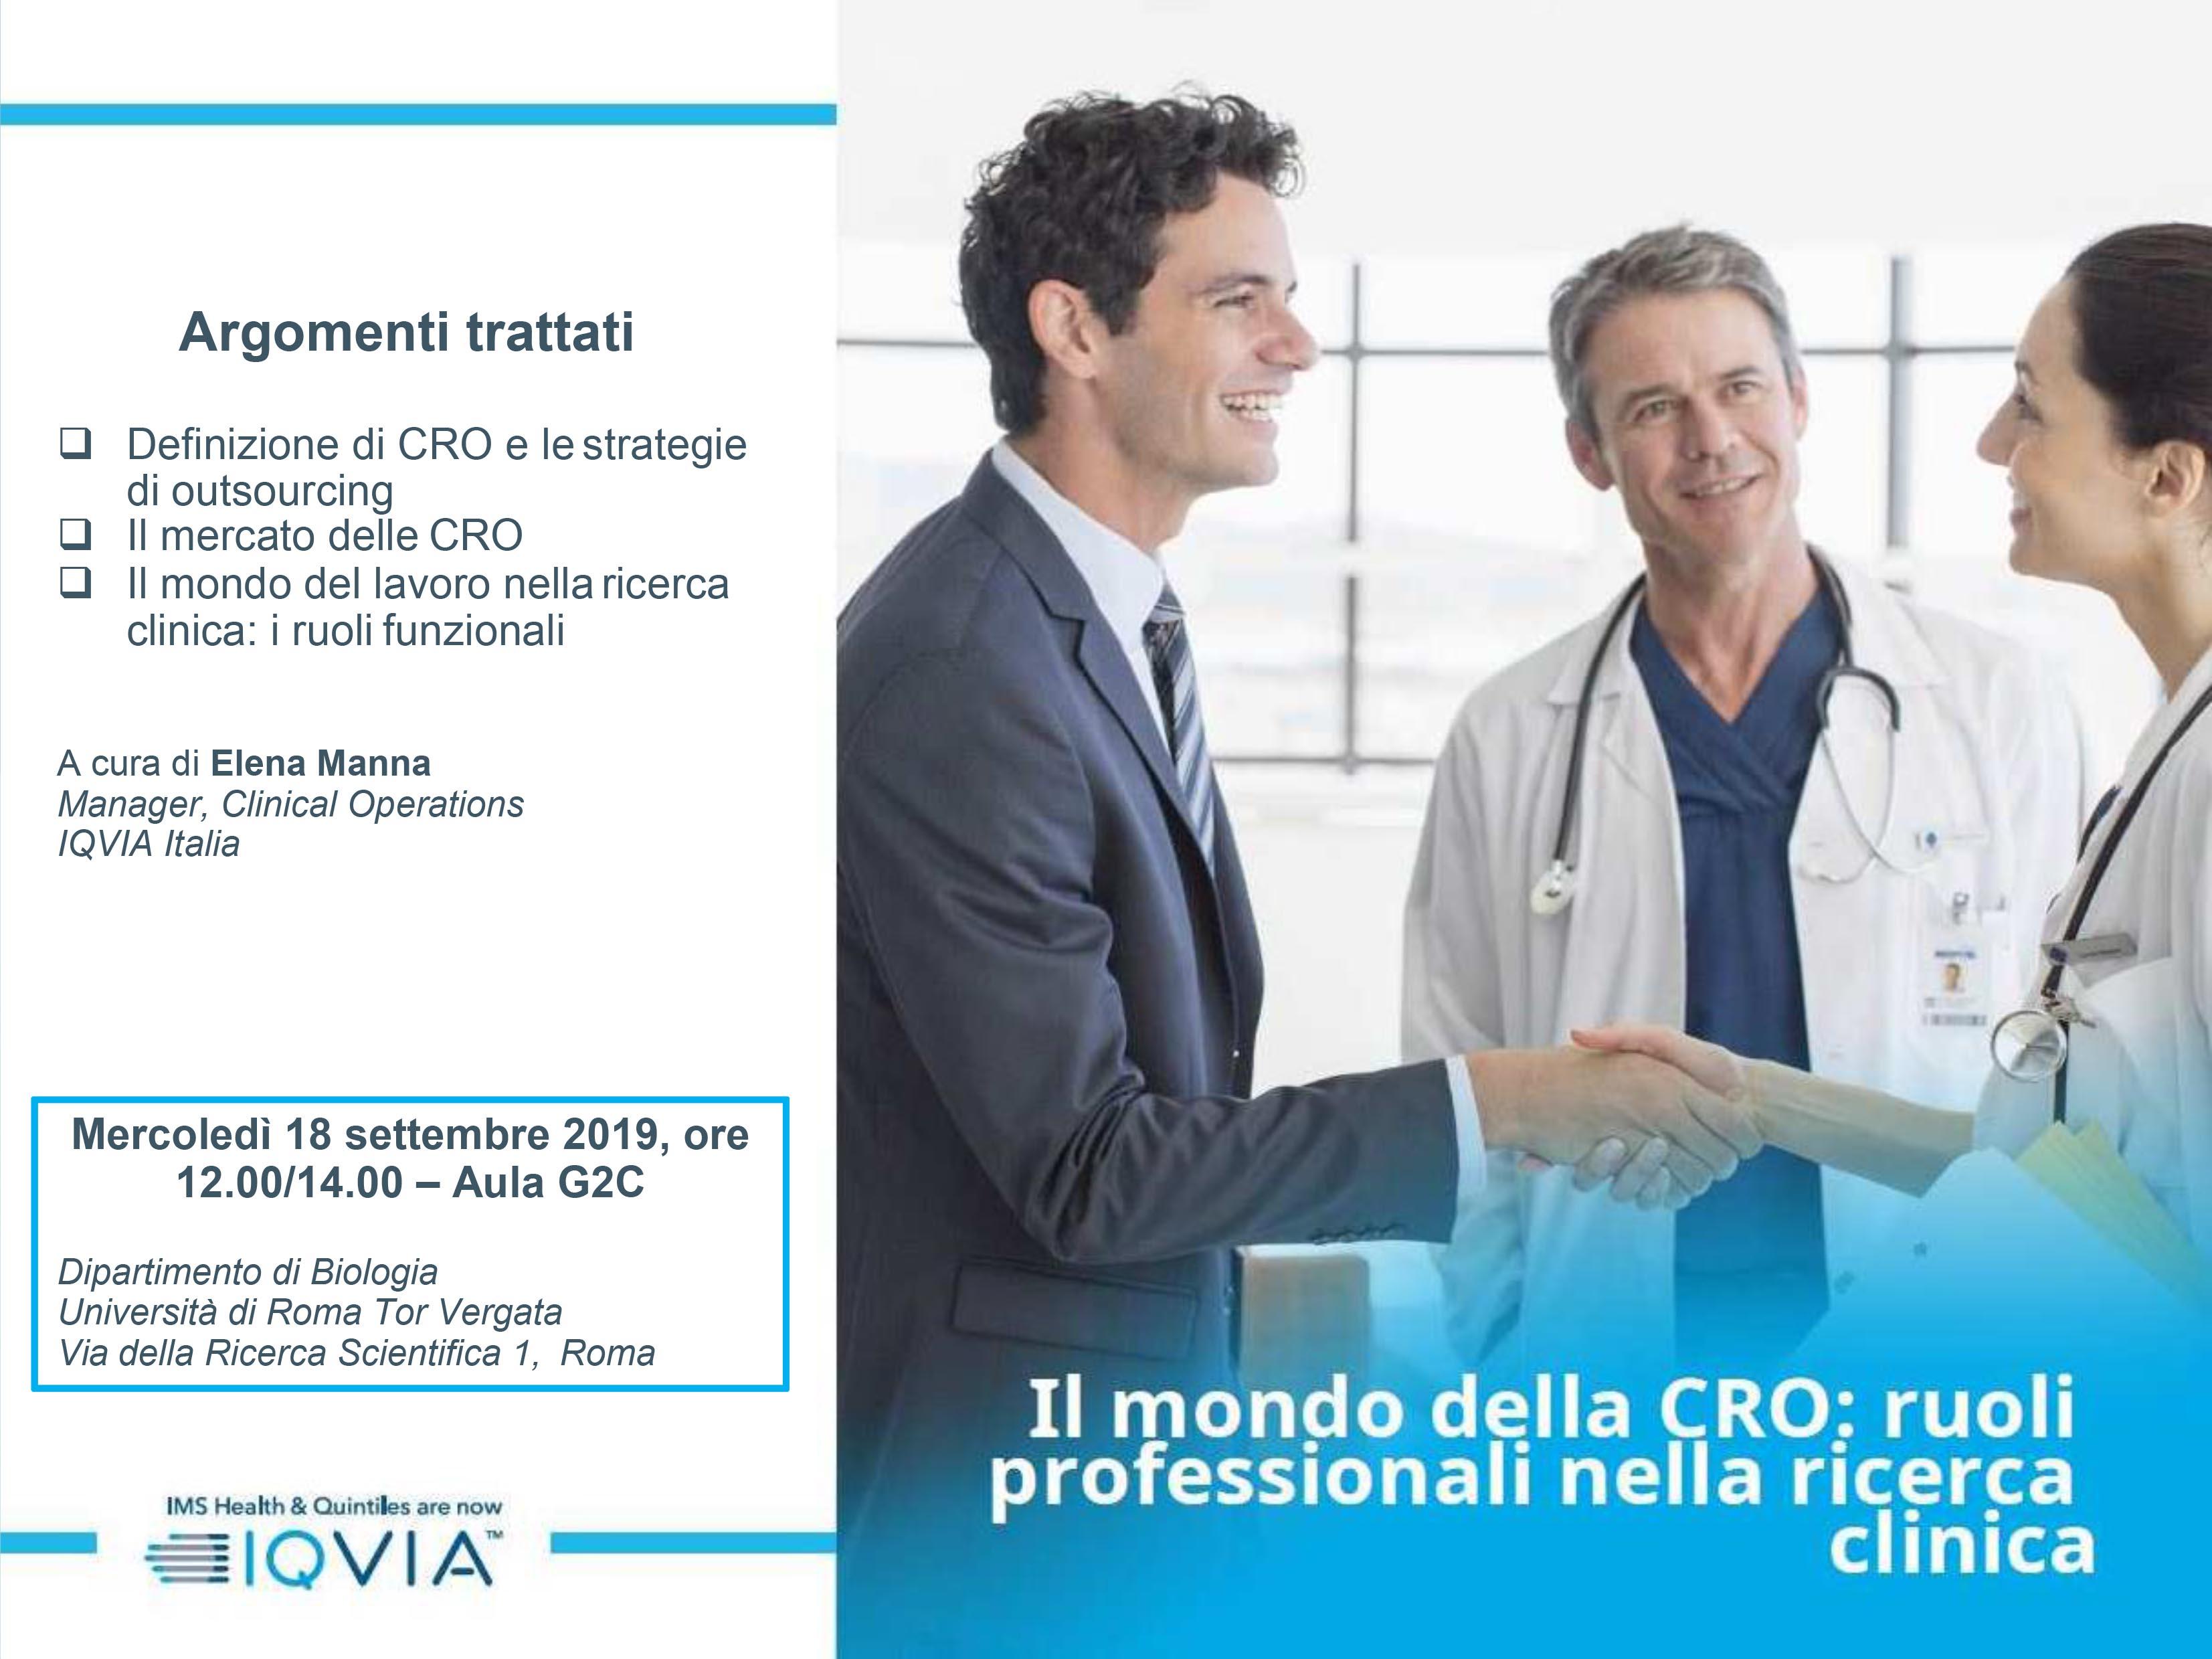 Locandina presentazione IQVIA - Uni Tor Vergata 18 settembre